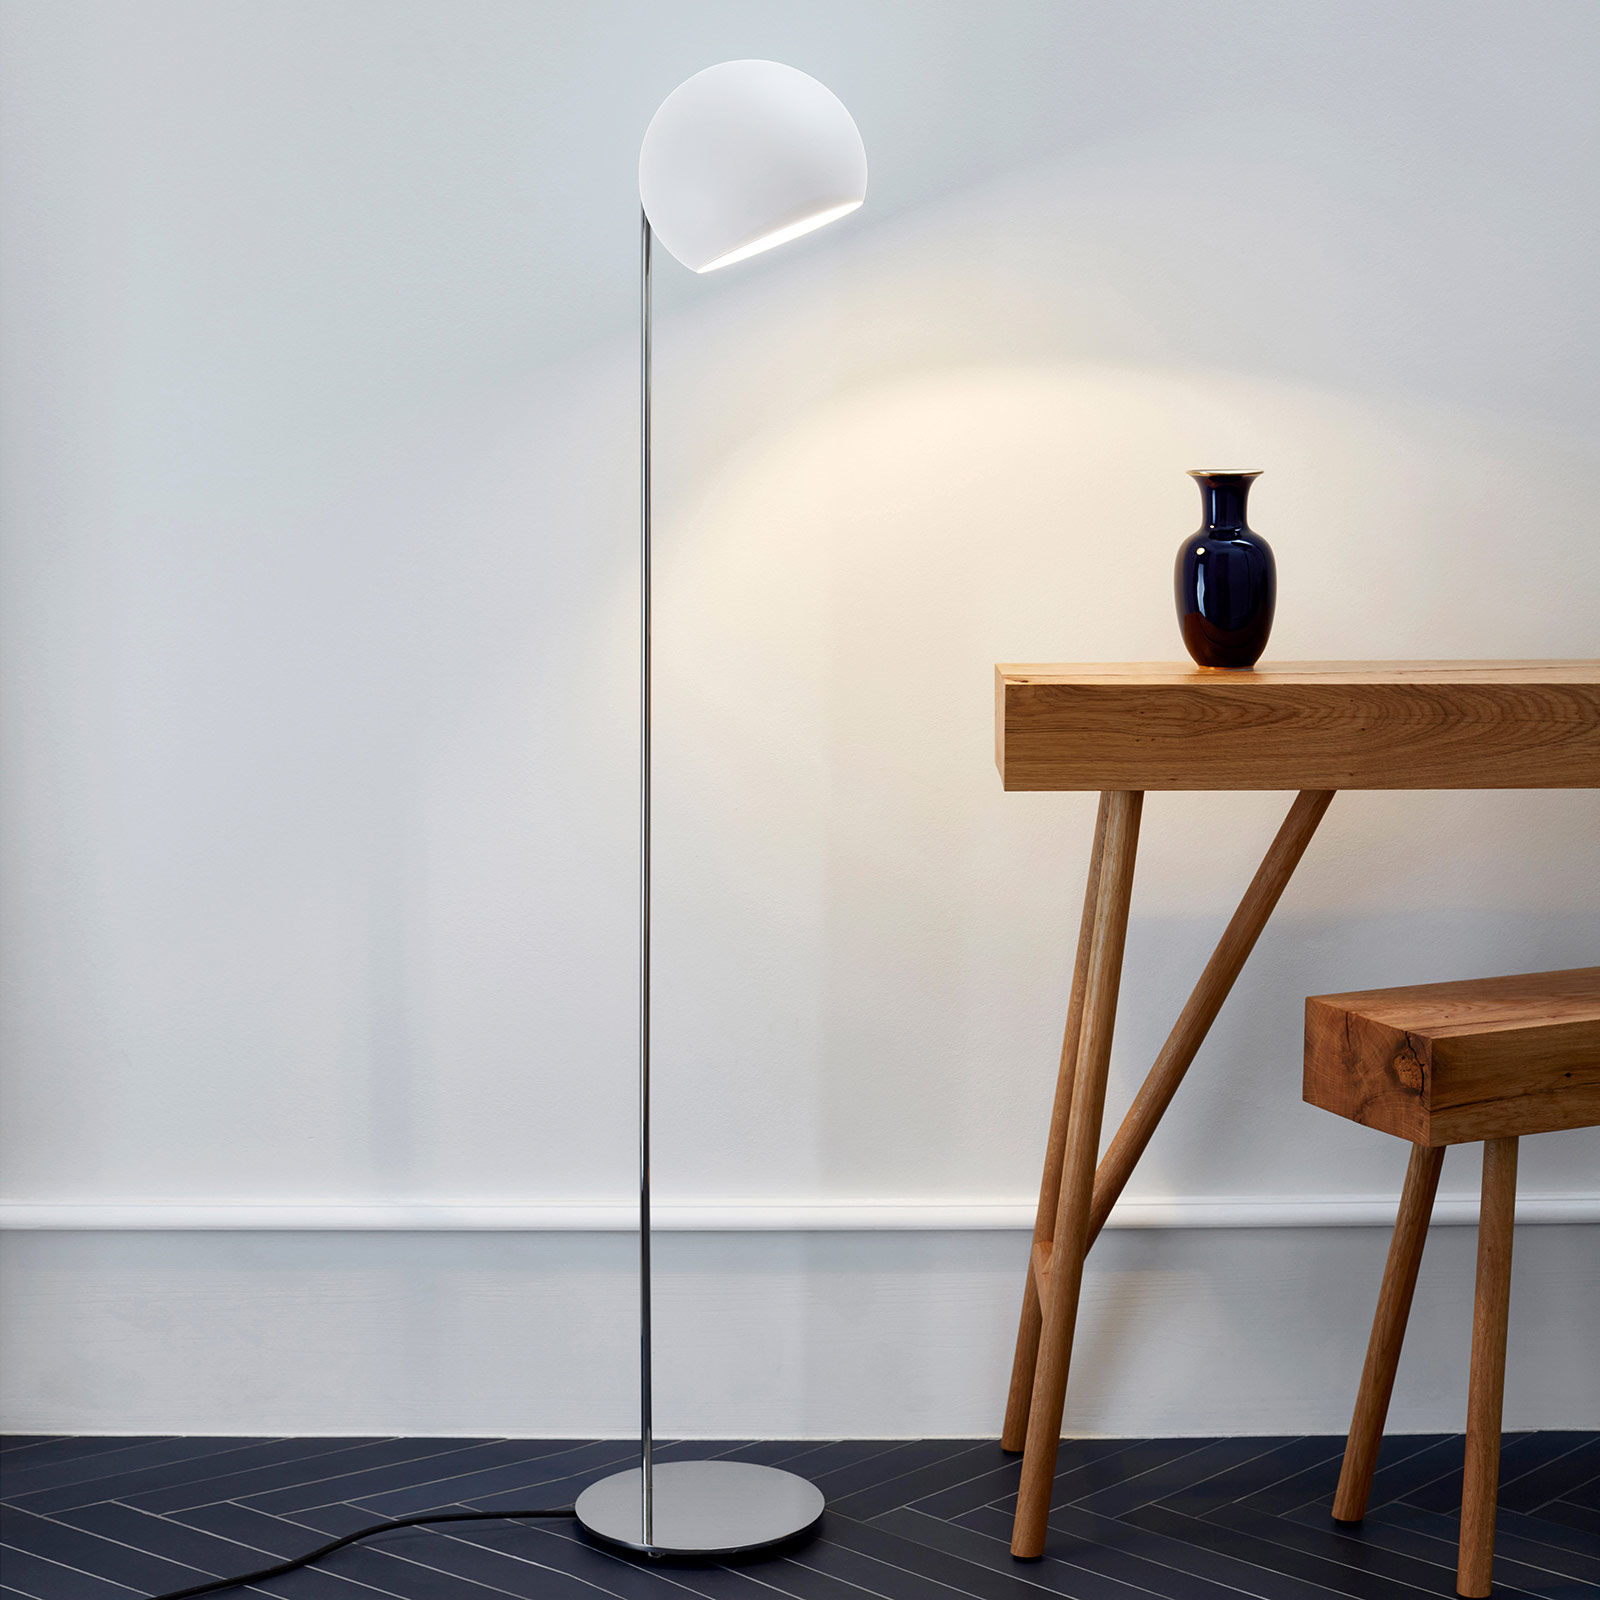 Nyta Tilt Globe Floor stojaca lampa oceľ_7023052_1